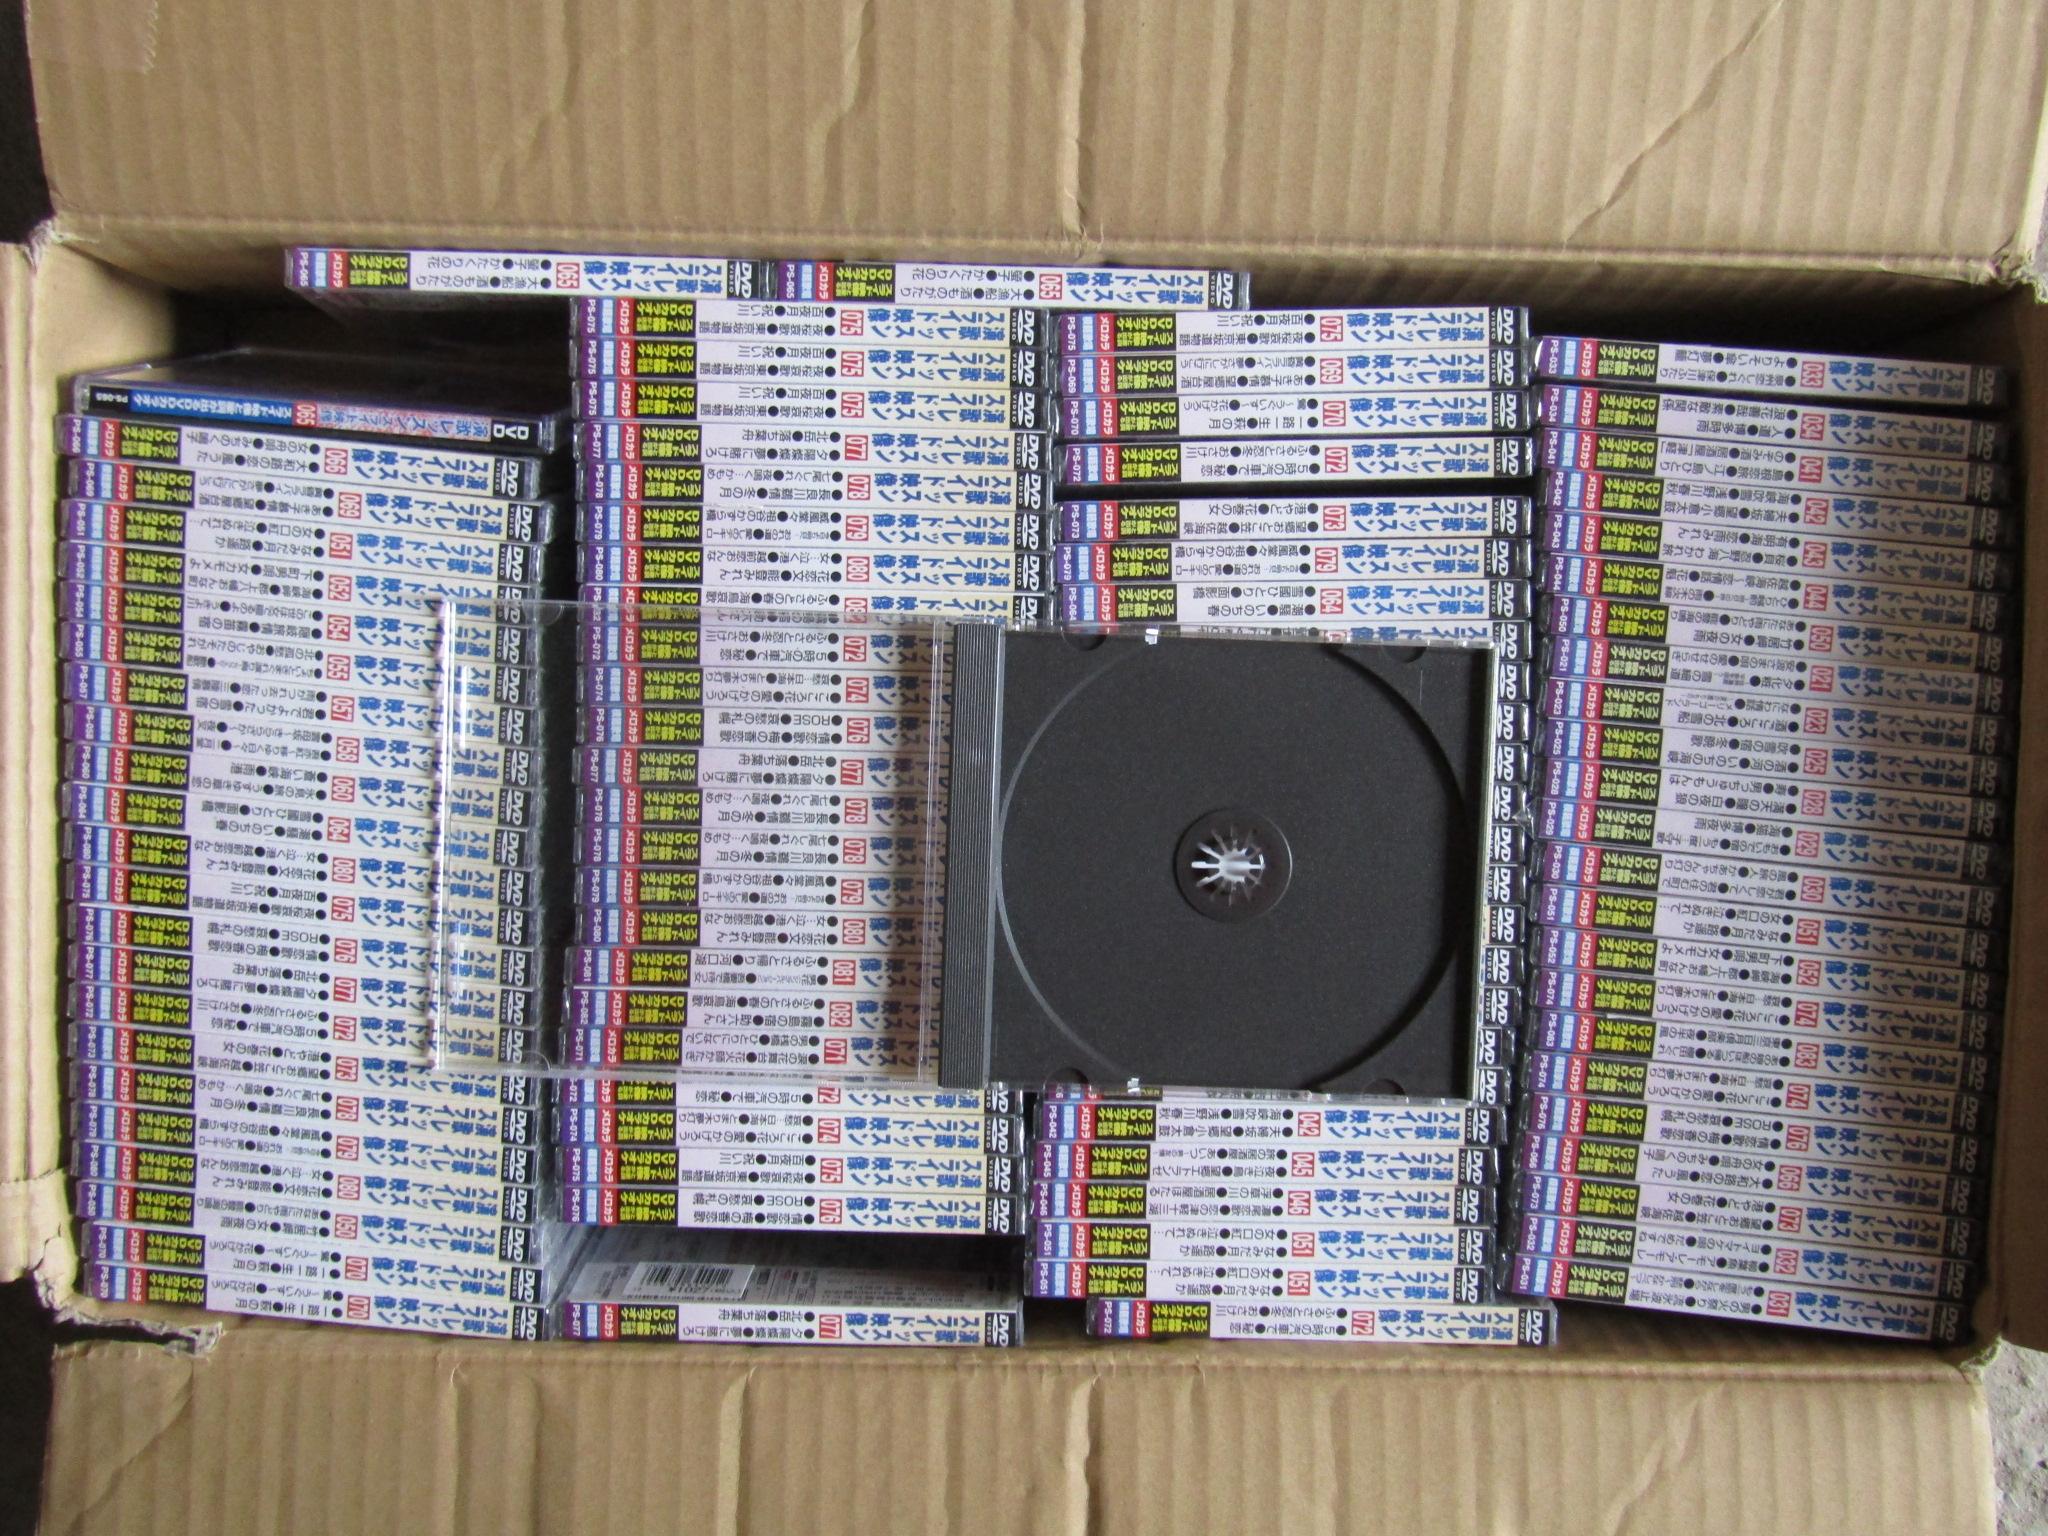 Пальцев зерна японская версия не открывается скраб один блюдо ядро CD коробка